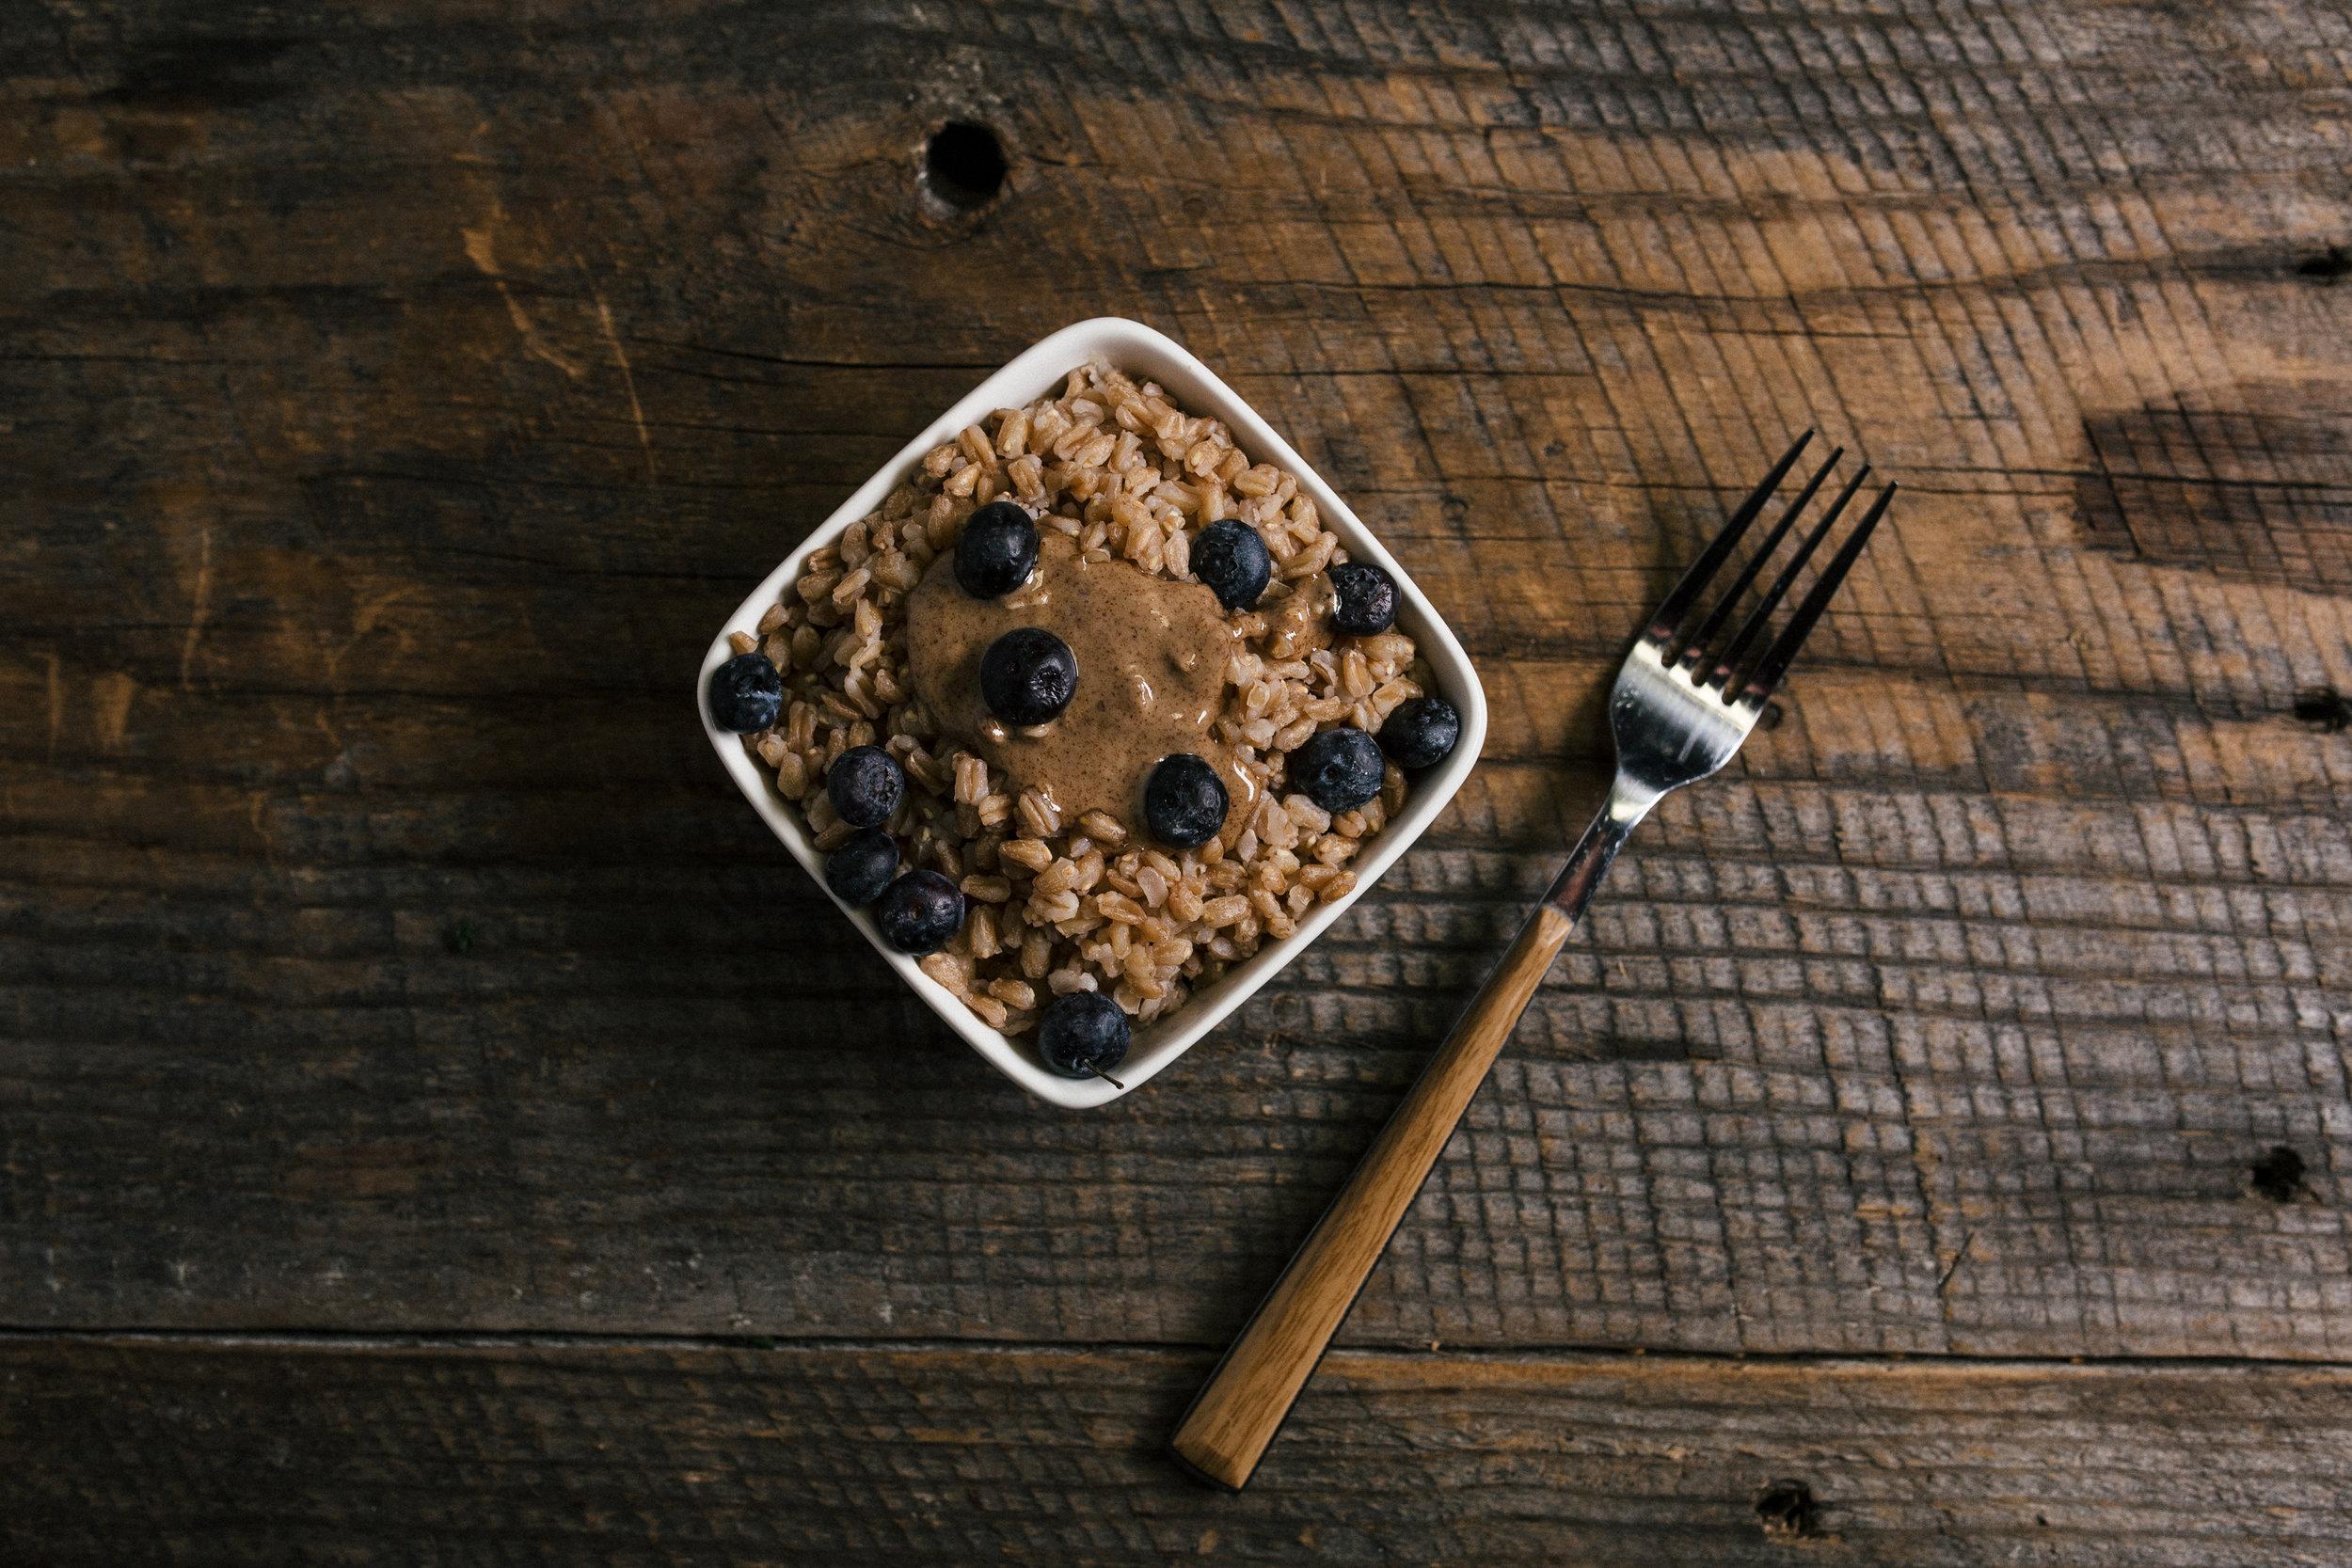 Farro almond butter blueberries breakfast recipe idea